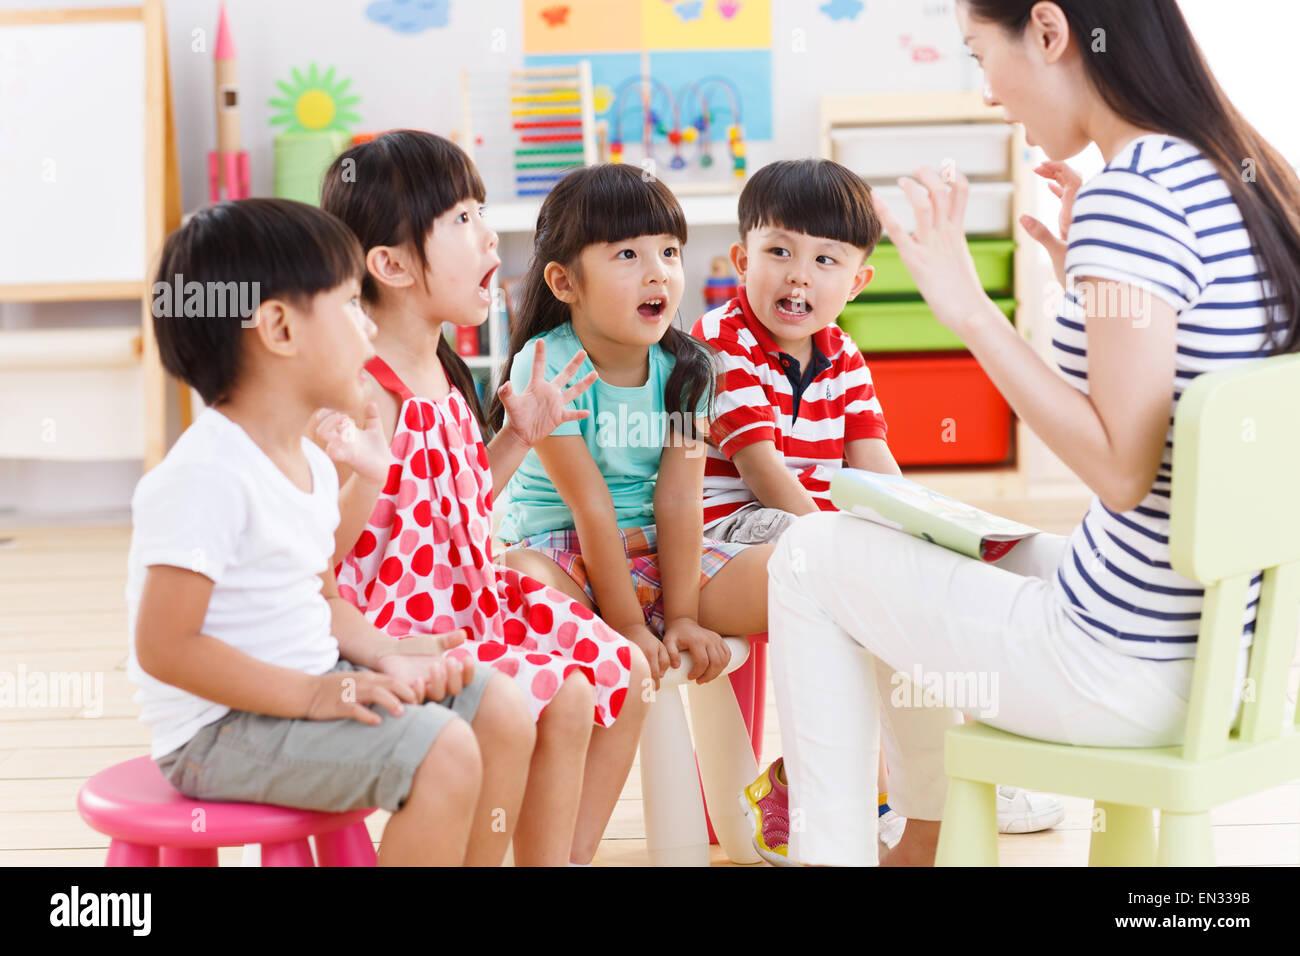 L'insegnante di scuola materna si racconta una storia per bambini Immagini Stock